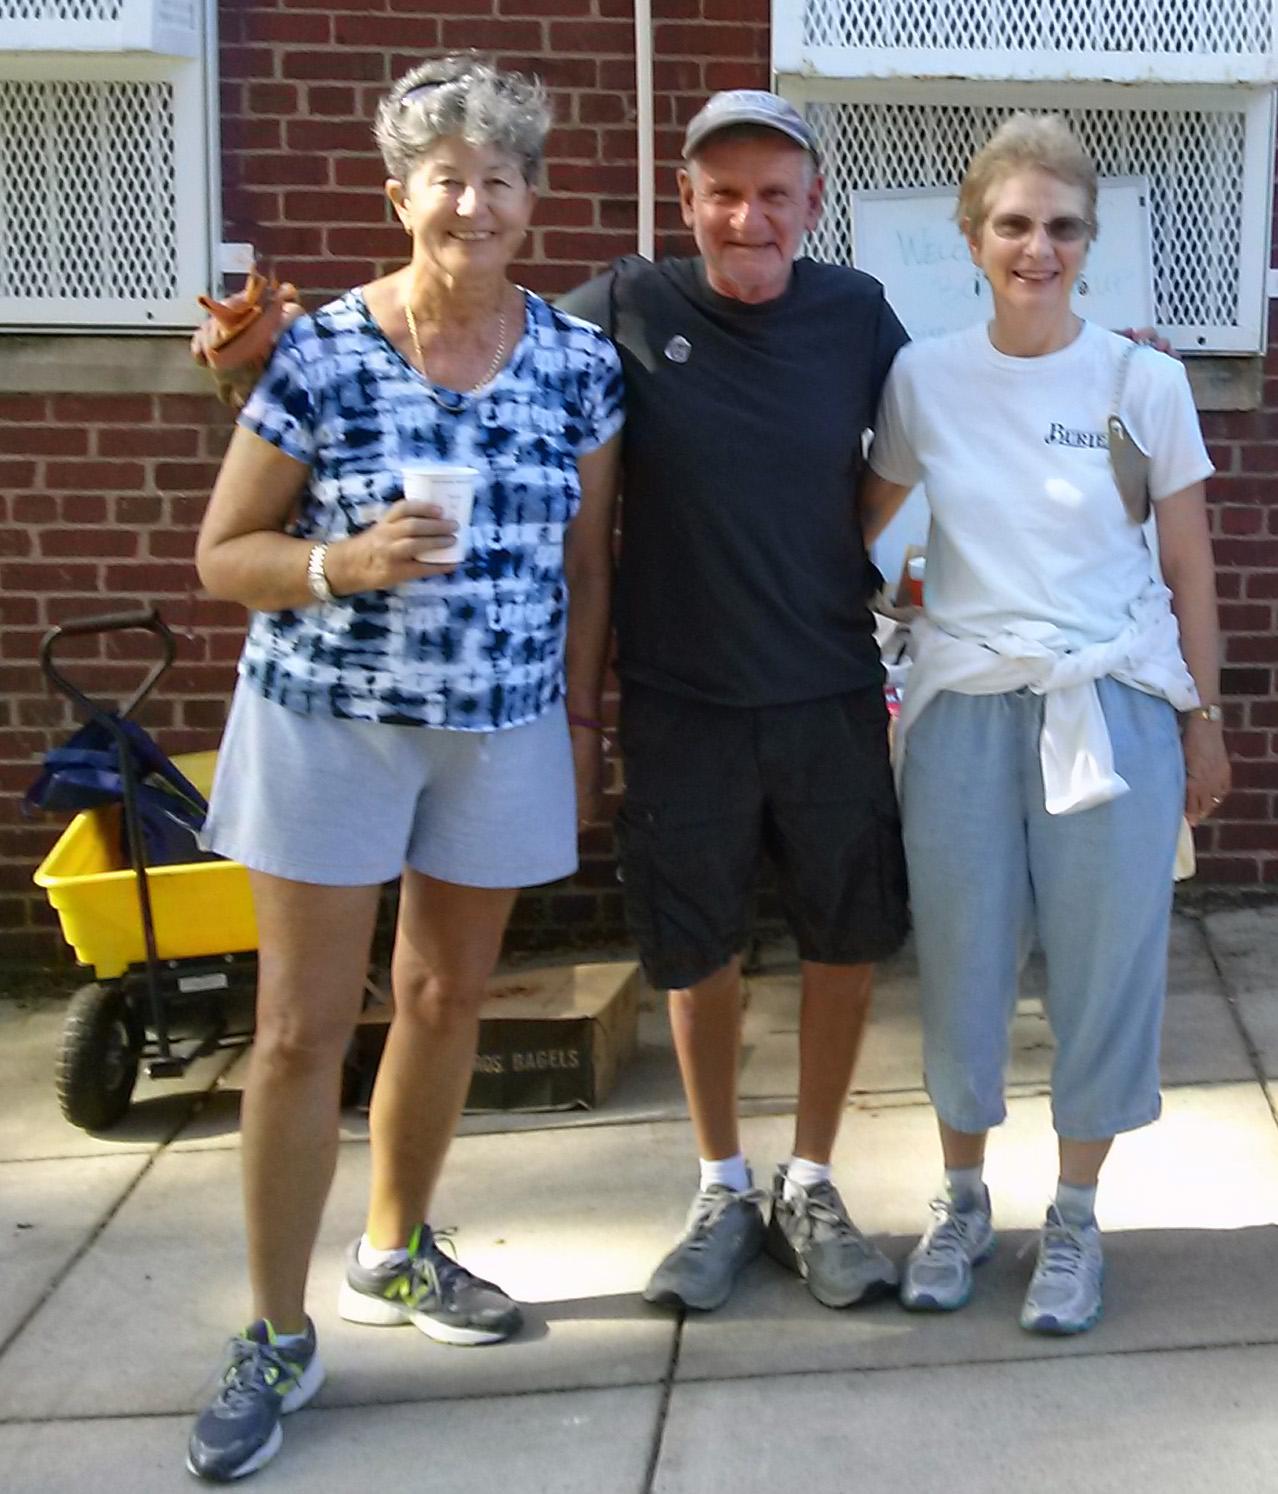 candace pallandre, stu Mathews, and linda brooks. photo by Janice sims.